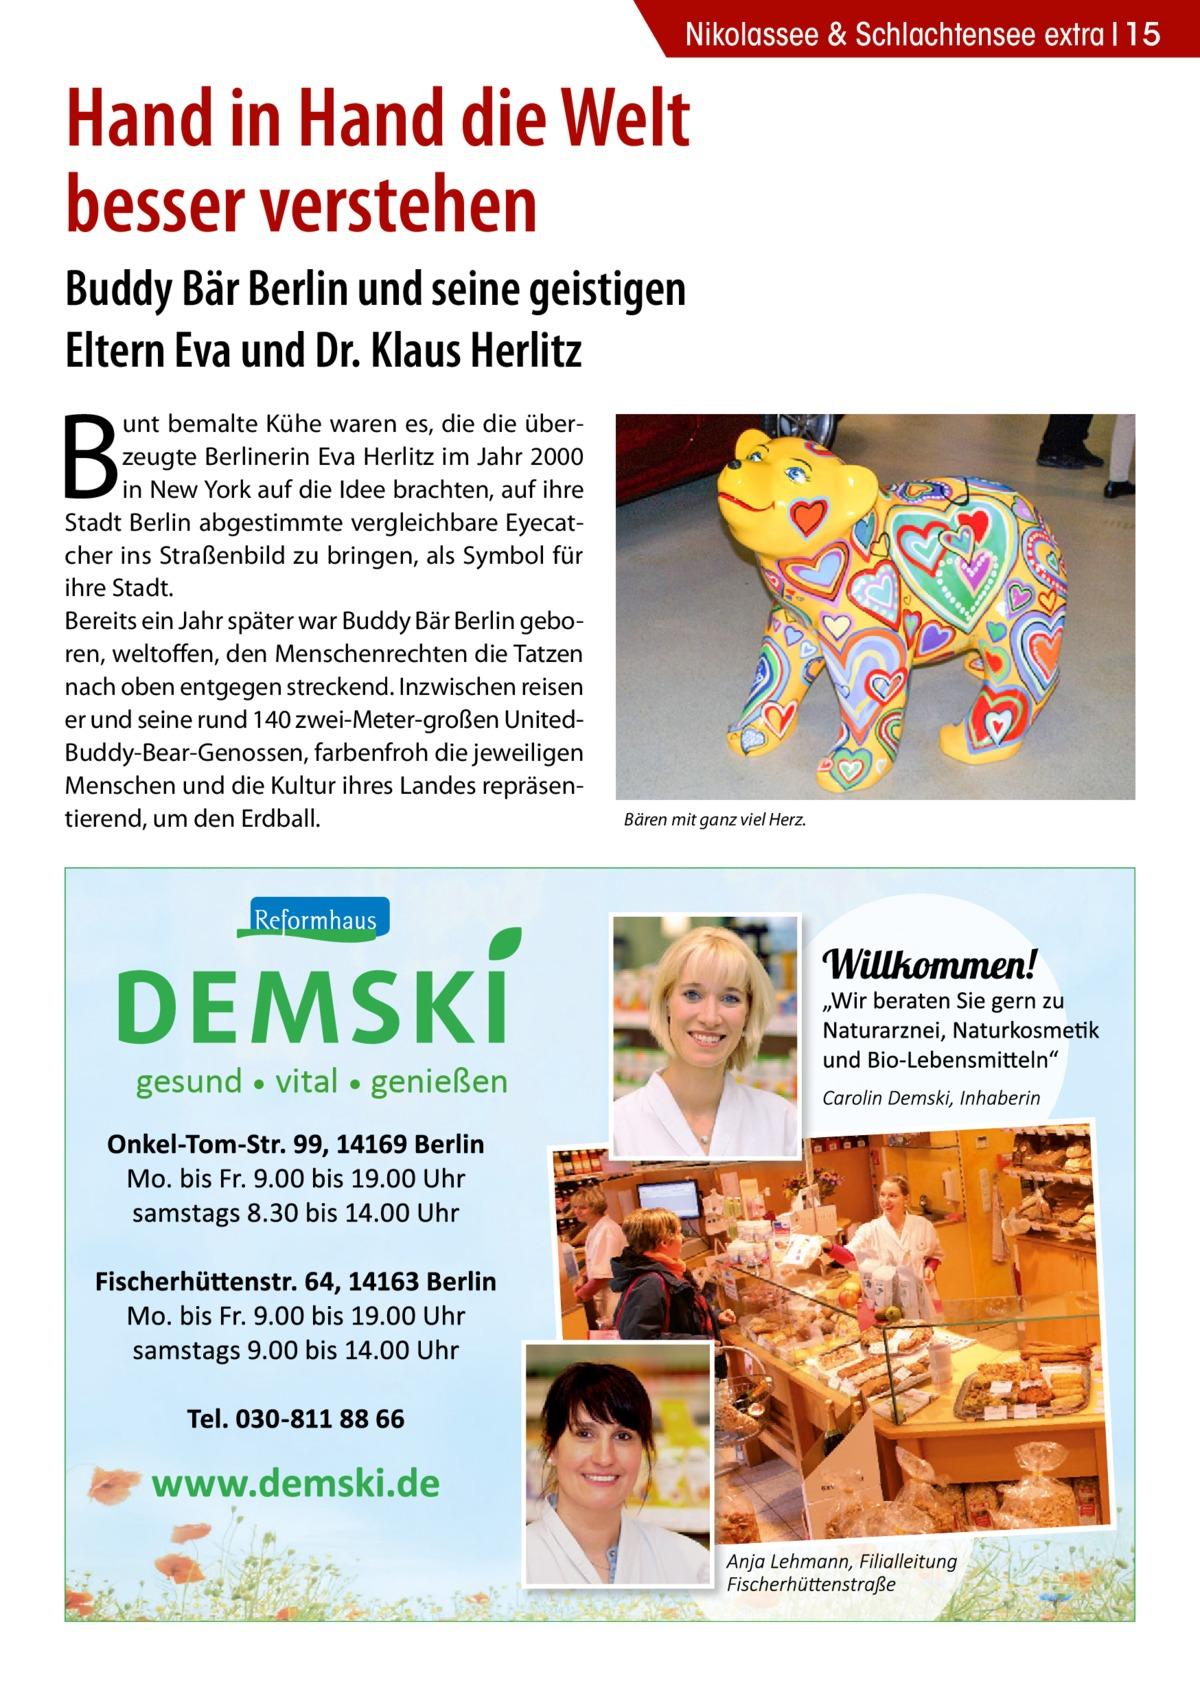 Nikolassee & Schlachtensee extra 15  Hand in Hand die Welt besser verstehen Buddy Bär Berlin und seine geistigen Eltern Eva und Dr.Klaus Herlitz  B  unt bemalte Kühe waren es, die die überzeugte Berlinerin Eva Herlitz im Jahr 2000 in New York auf die Idee brachten, auf ihre Stadt Berlin abgestimmte vergleichbare Eyecatcher ins Straßenbild zu bringen, als Symbol für ihre Stadt. Bereits ein Jahr später war Buddy Bär Berlin geboren, weltoffen, den Menschenrechten die Tatzen nach oben entgegen streckend. Inzwischen reisen er und seine rund 140 zwei-Meter-großen UnitedBuddy-Bear-Genossen, farbenfroh die jeweiligen Menschen und die Kultur ihres Landes repräsentierend, um den Erdball.  gesund • vital • genießen  Bären mit ganz viel Herz.